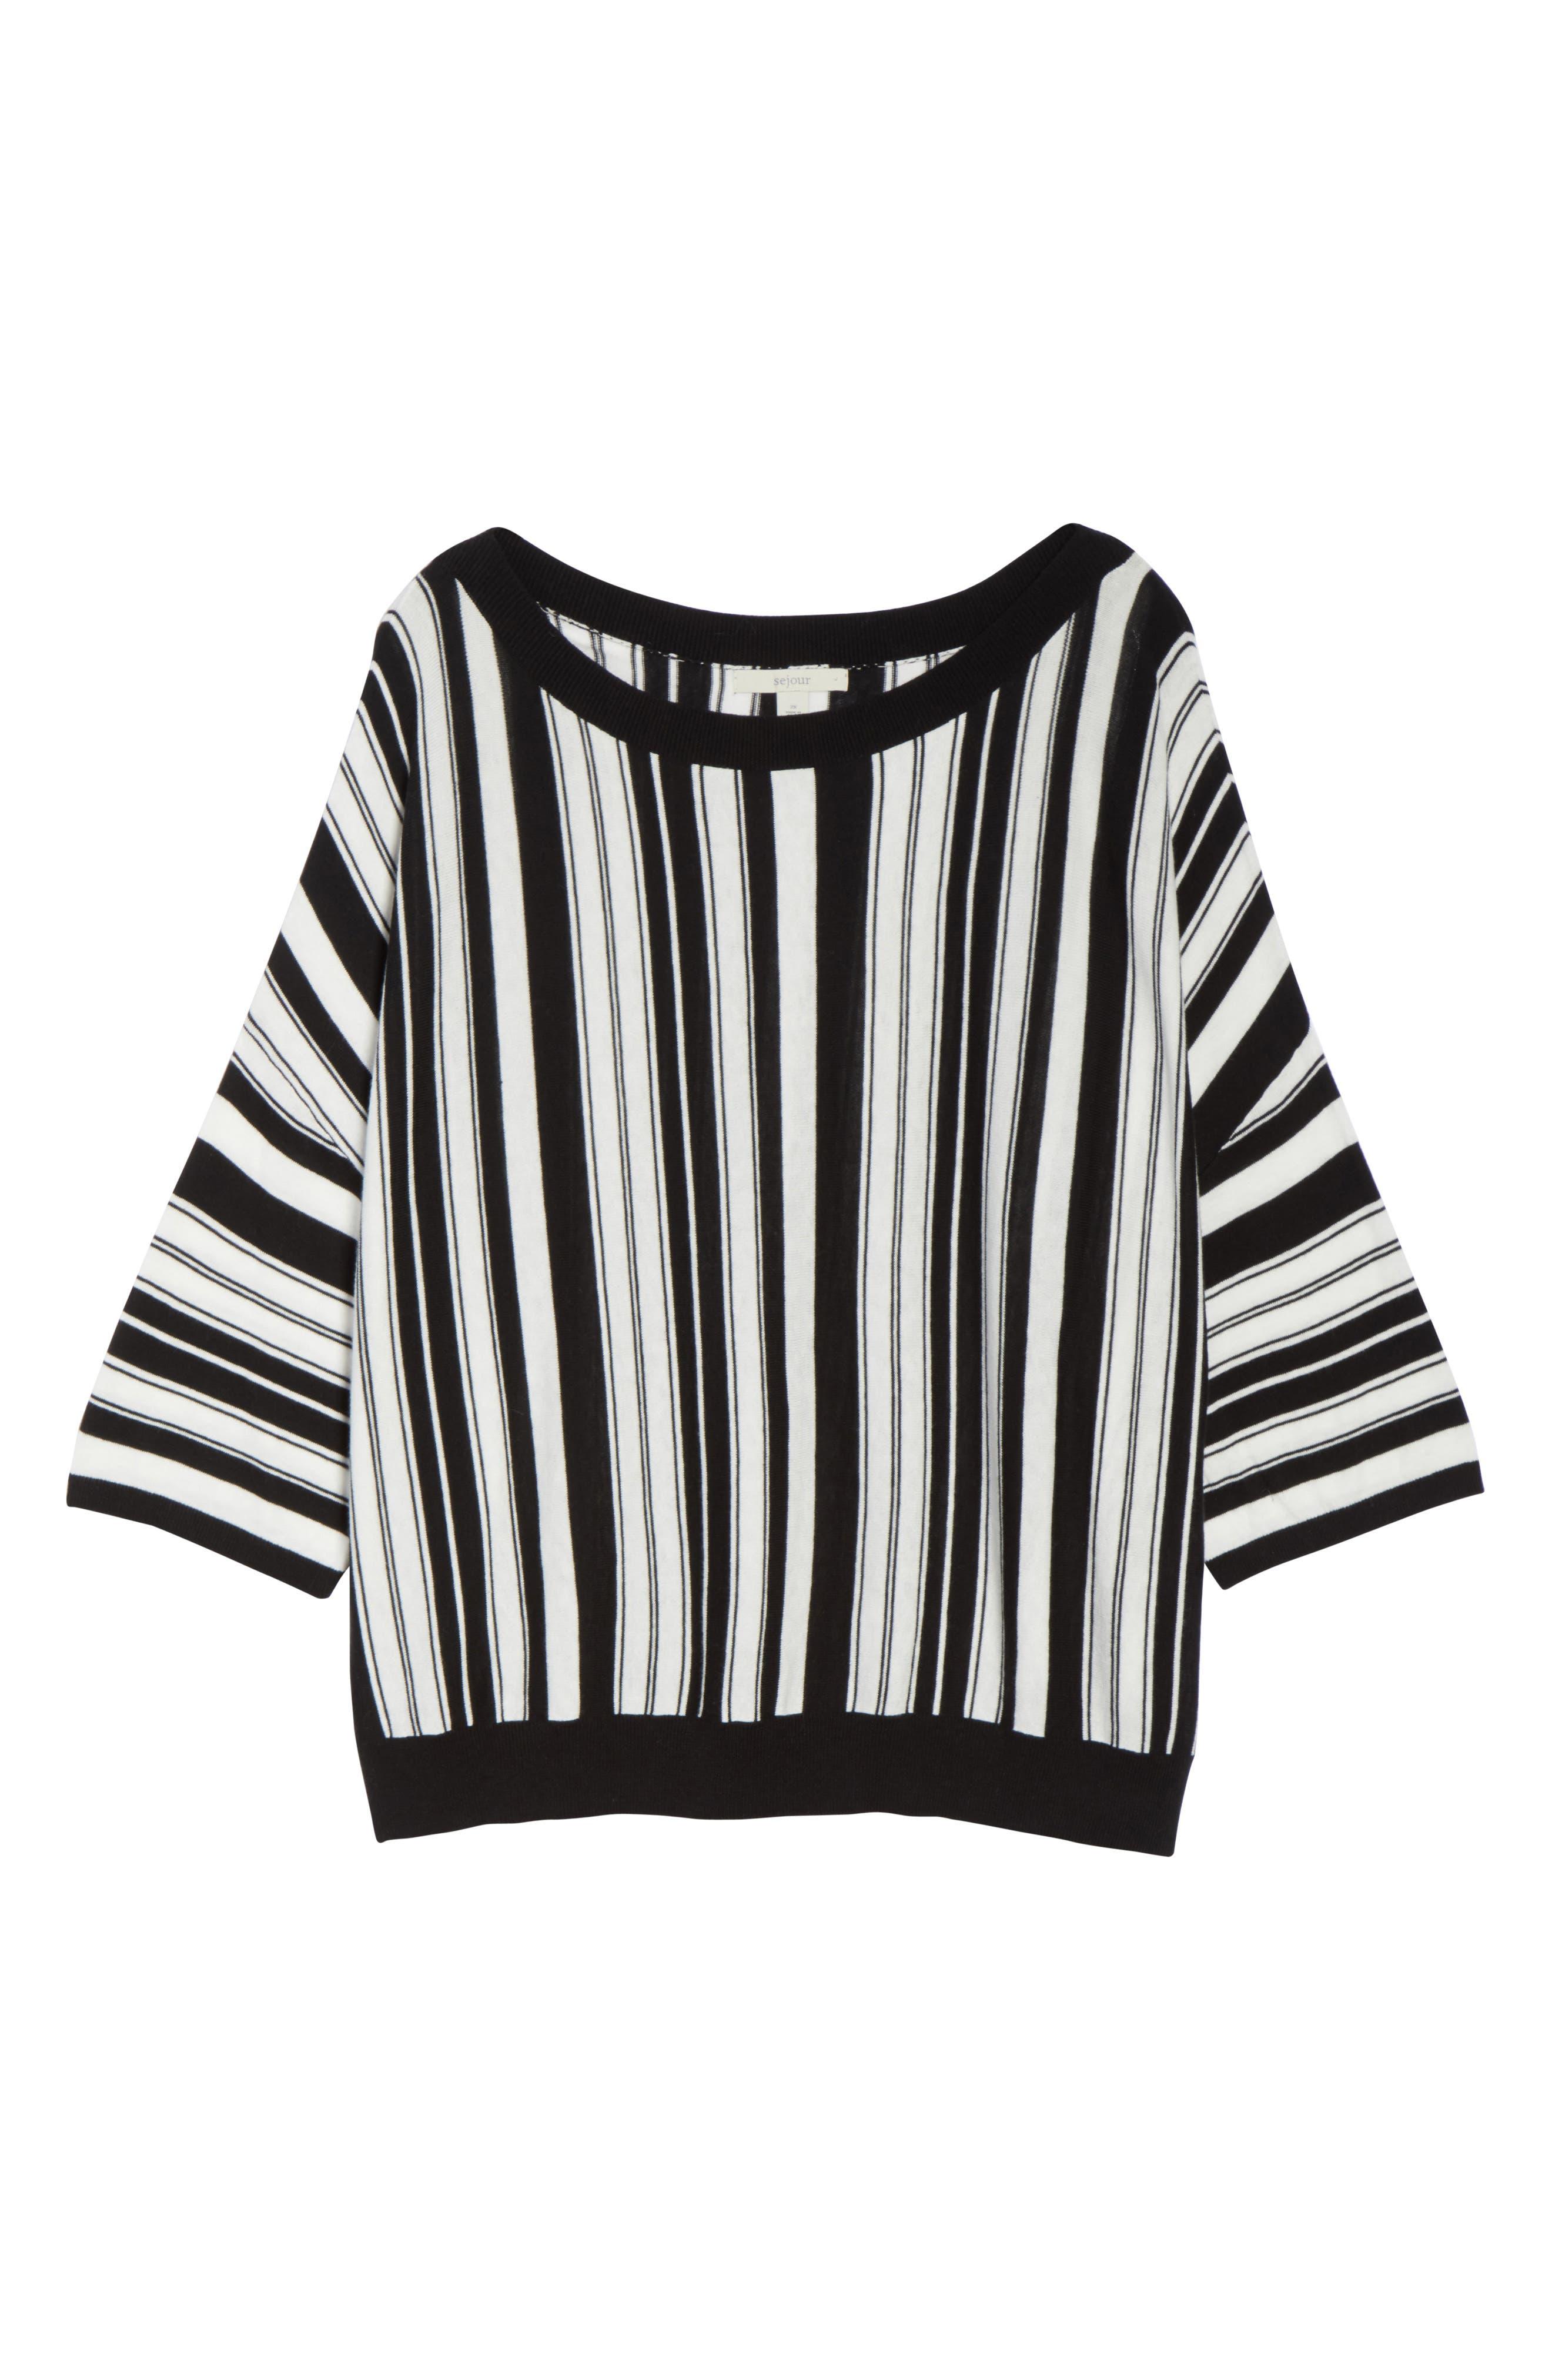 Stripe Pullover,                             Alternate thumbnail 6, color,                             BLACK- WHITE FIERCE STRIPE